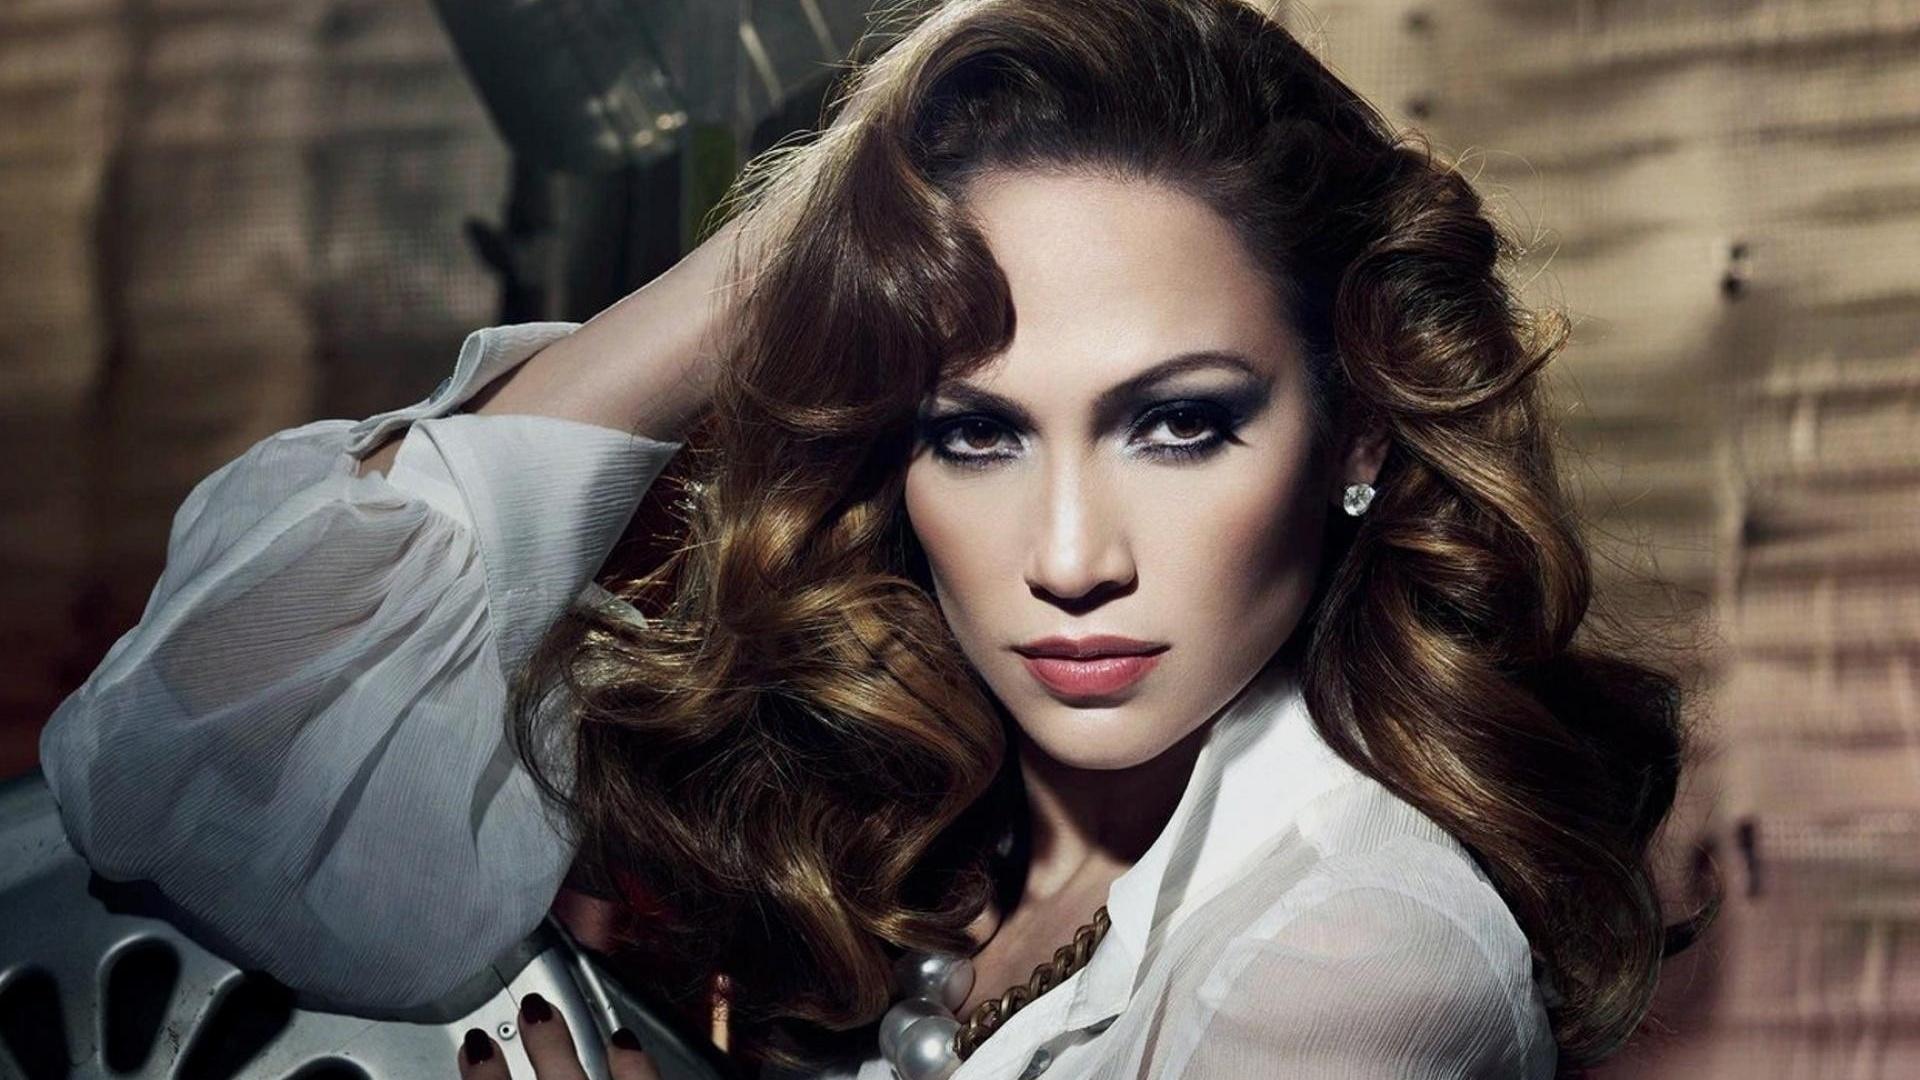 Самые красивые и гламурные девушки онлайн #6